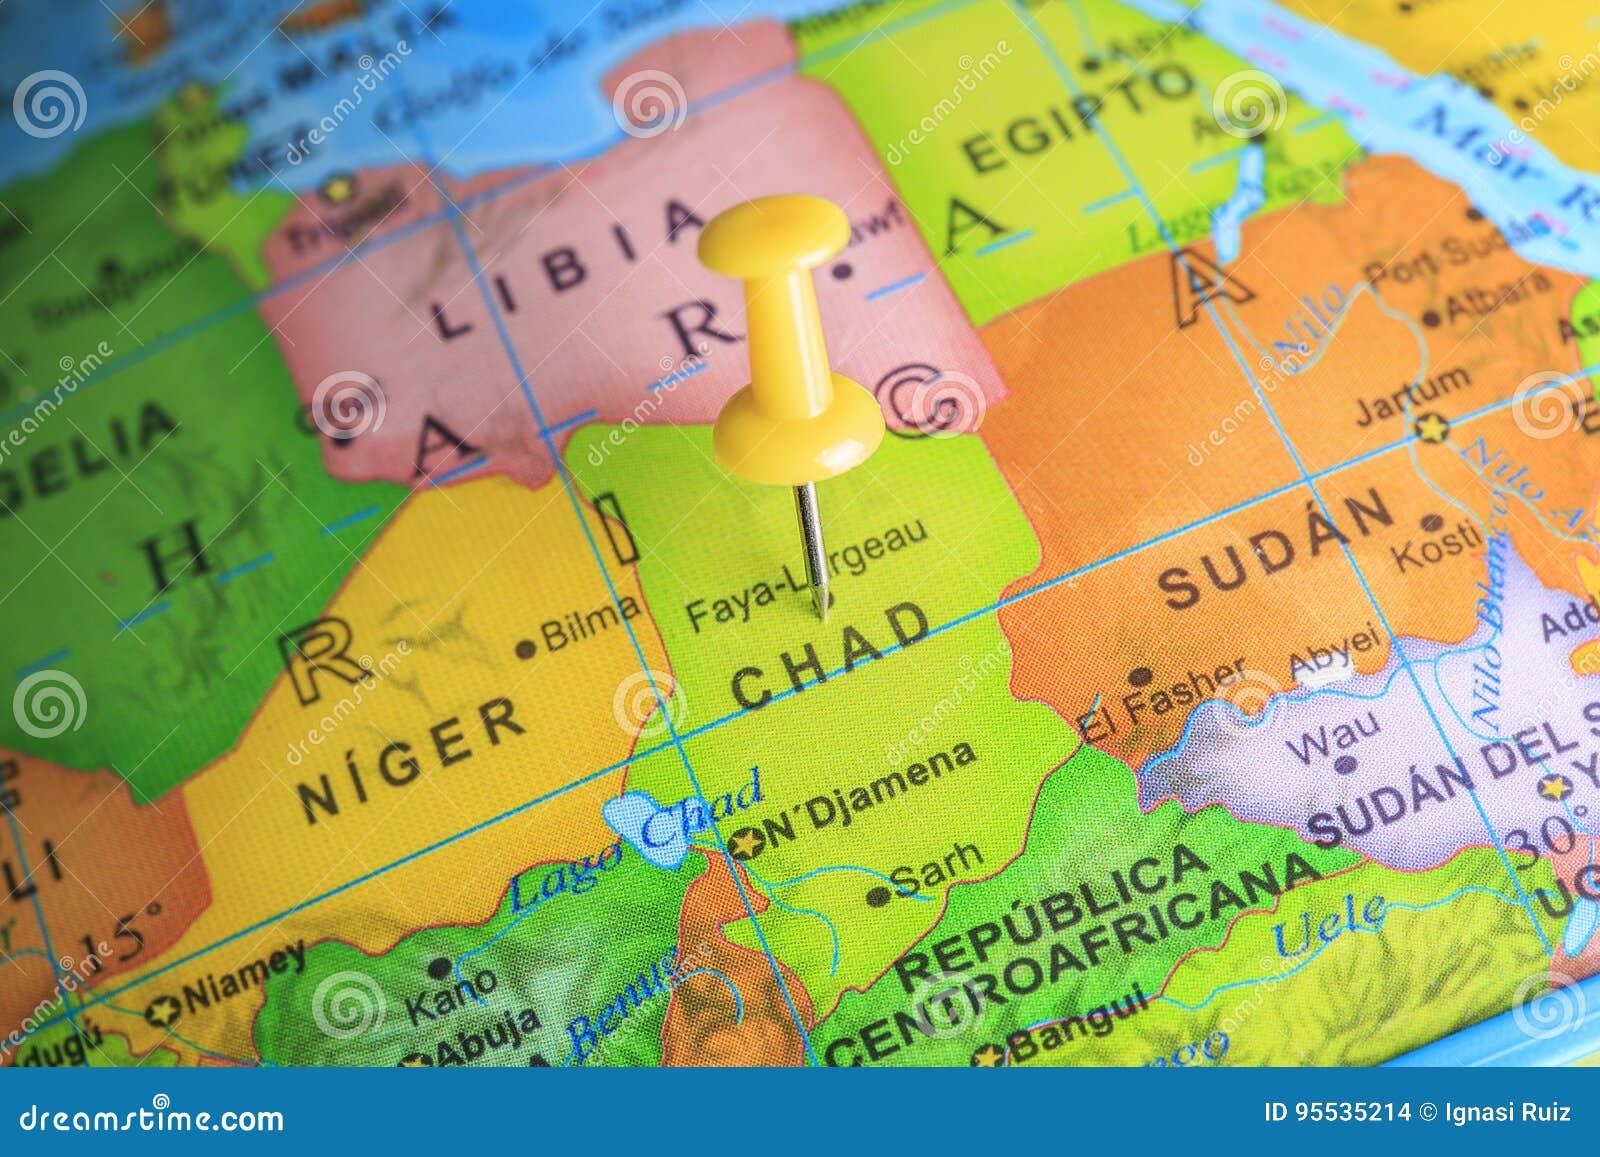 Carte De Lafrique Tchad.Le Tchad A Goupille Sur Une Carte De L Afrique Photo Stock